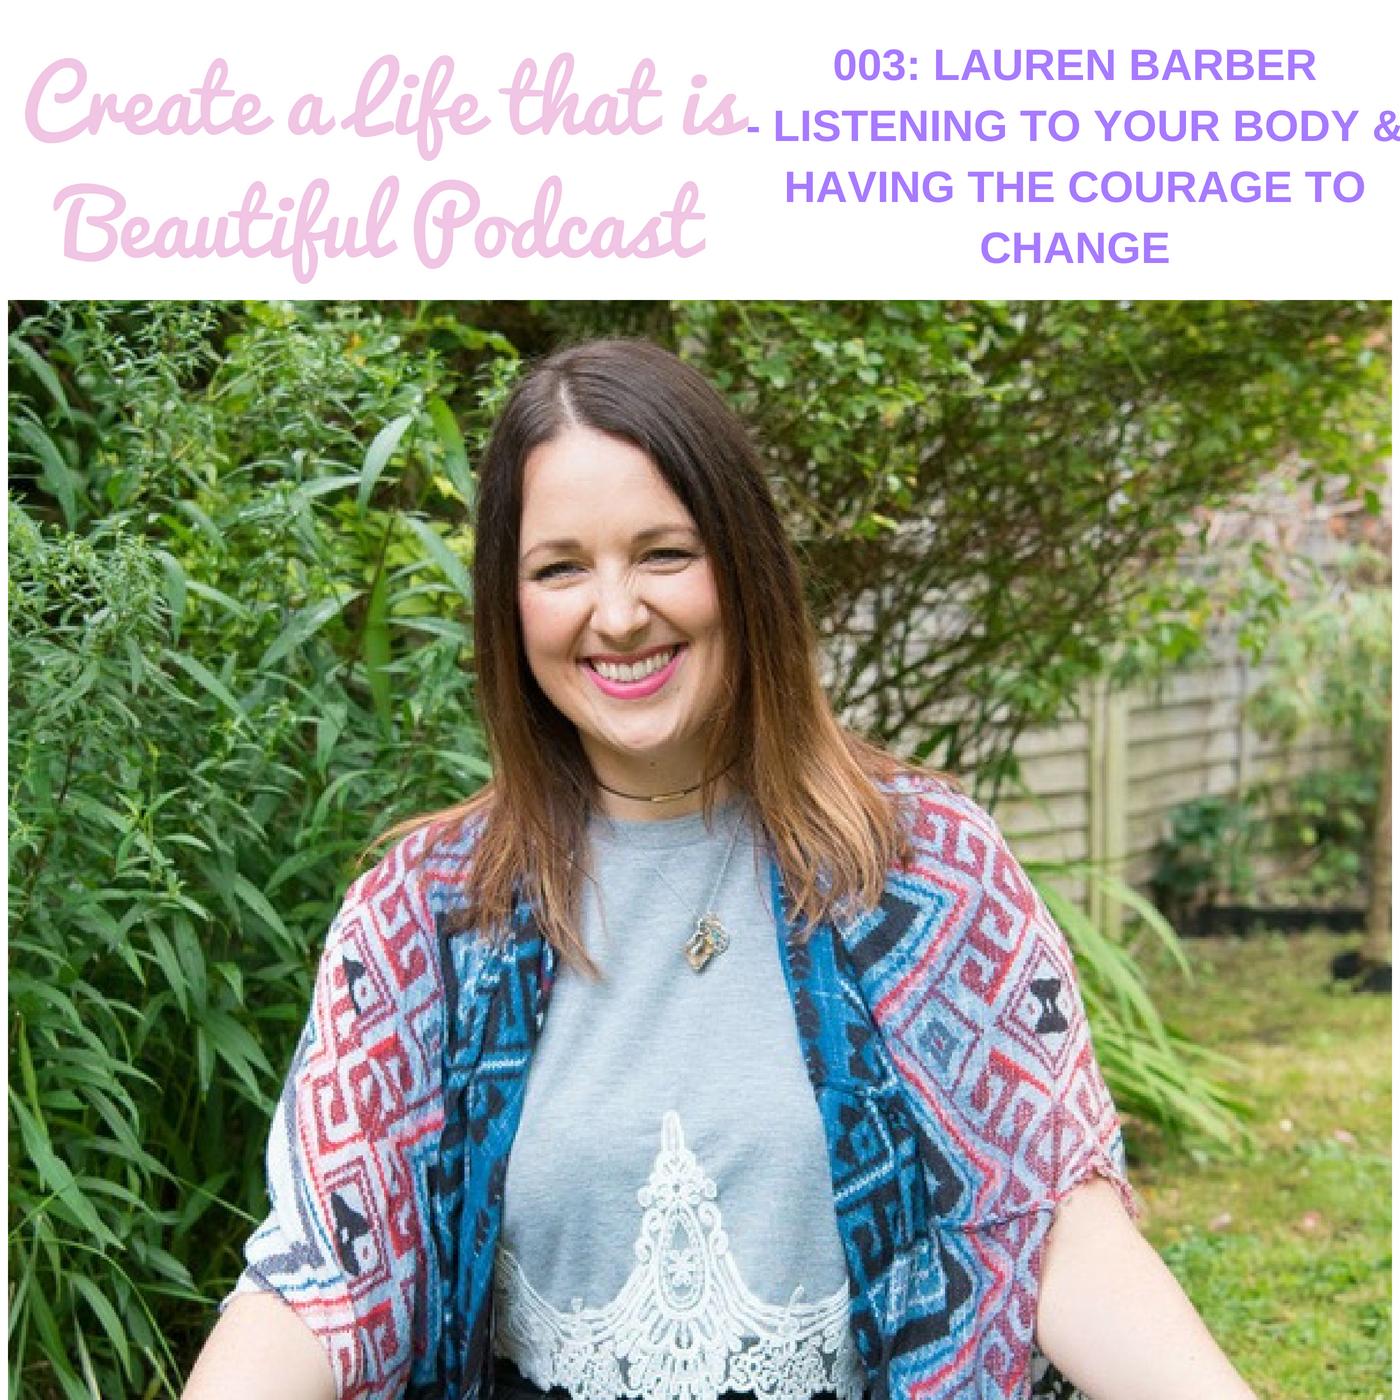 Episode 3 with Lauren Barber